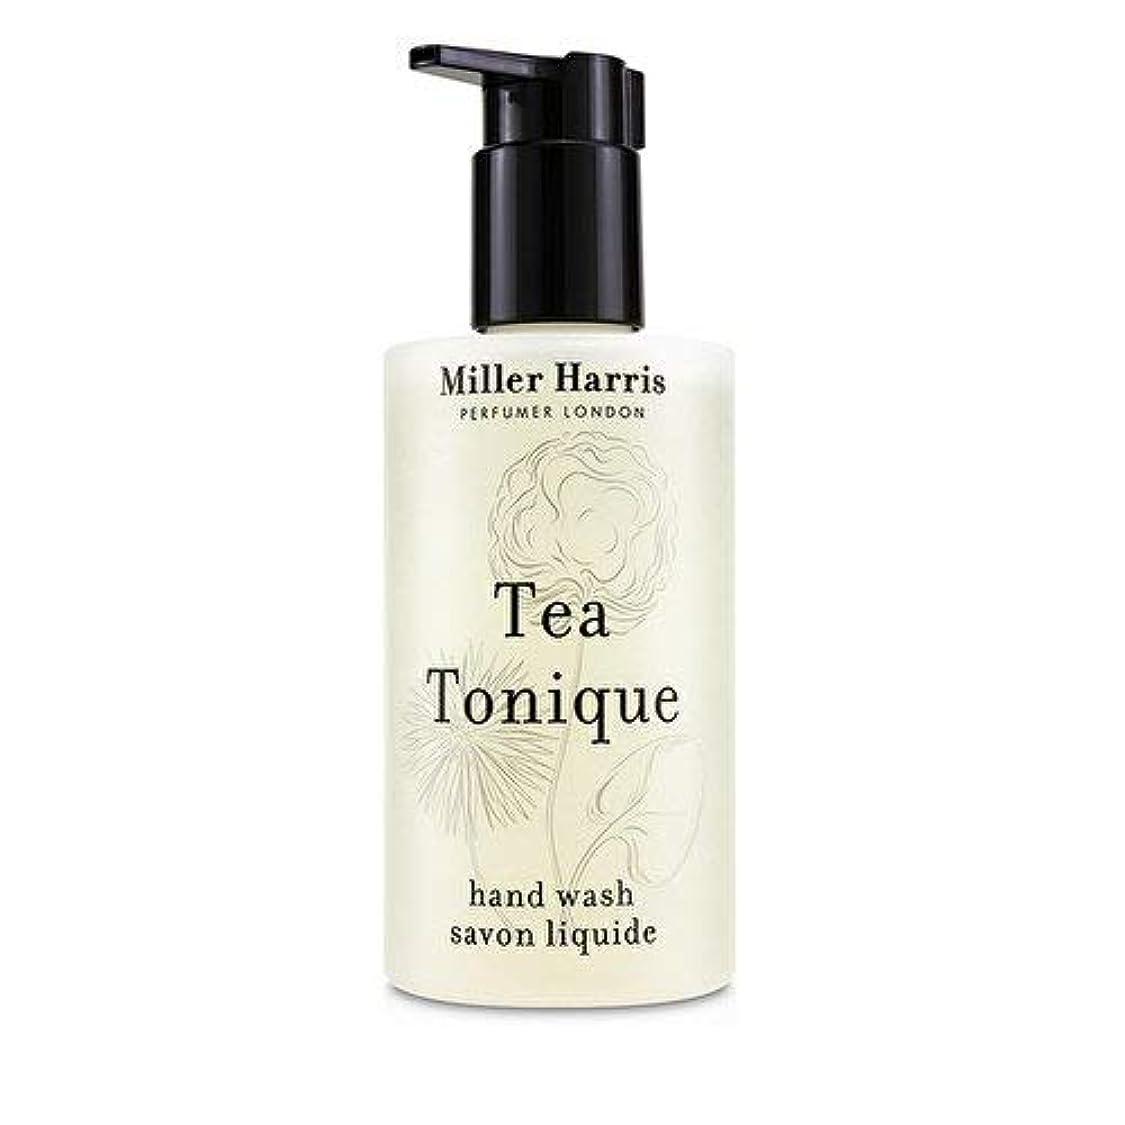 バイソン本気ヒットミラーハリス Tea Tonique Hand Wash 250ml/8.4oz並行輸入品